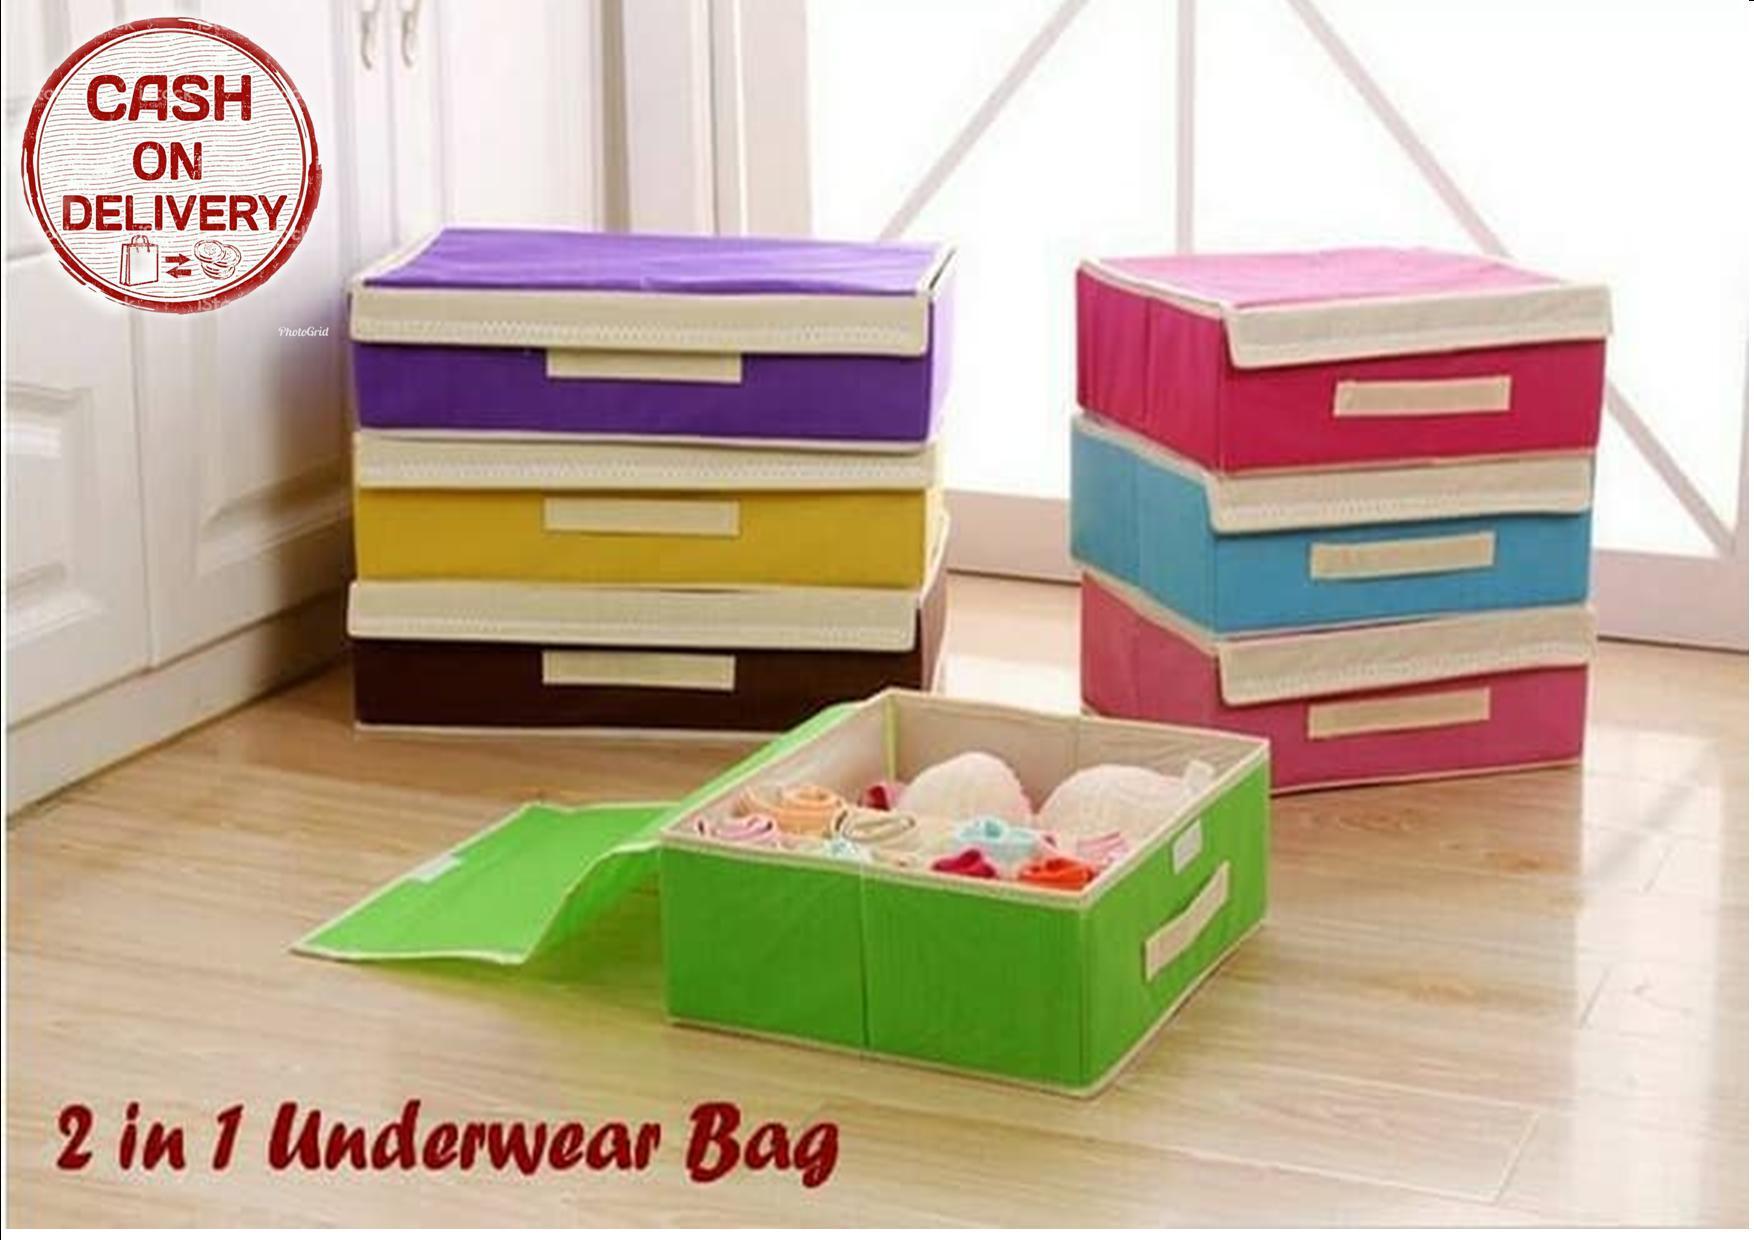 Kado Unik 2 in 1 Underwear Bag Organizer Tempat Penyimpanan Bra Dan Celana Dalam Storage Box Tempat Pakaian Dalam Kotak Penyimpanaimpanan